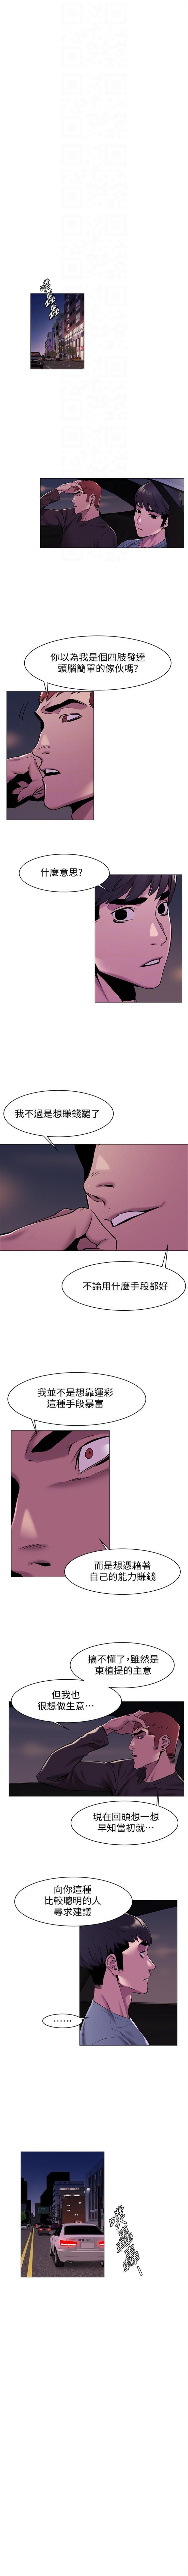 衝突 1-100官方中文(連載中) 360